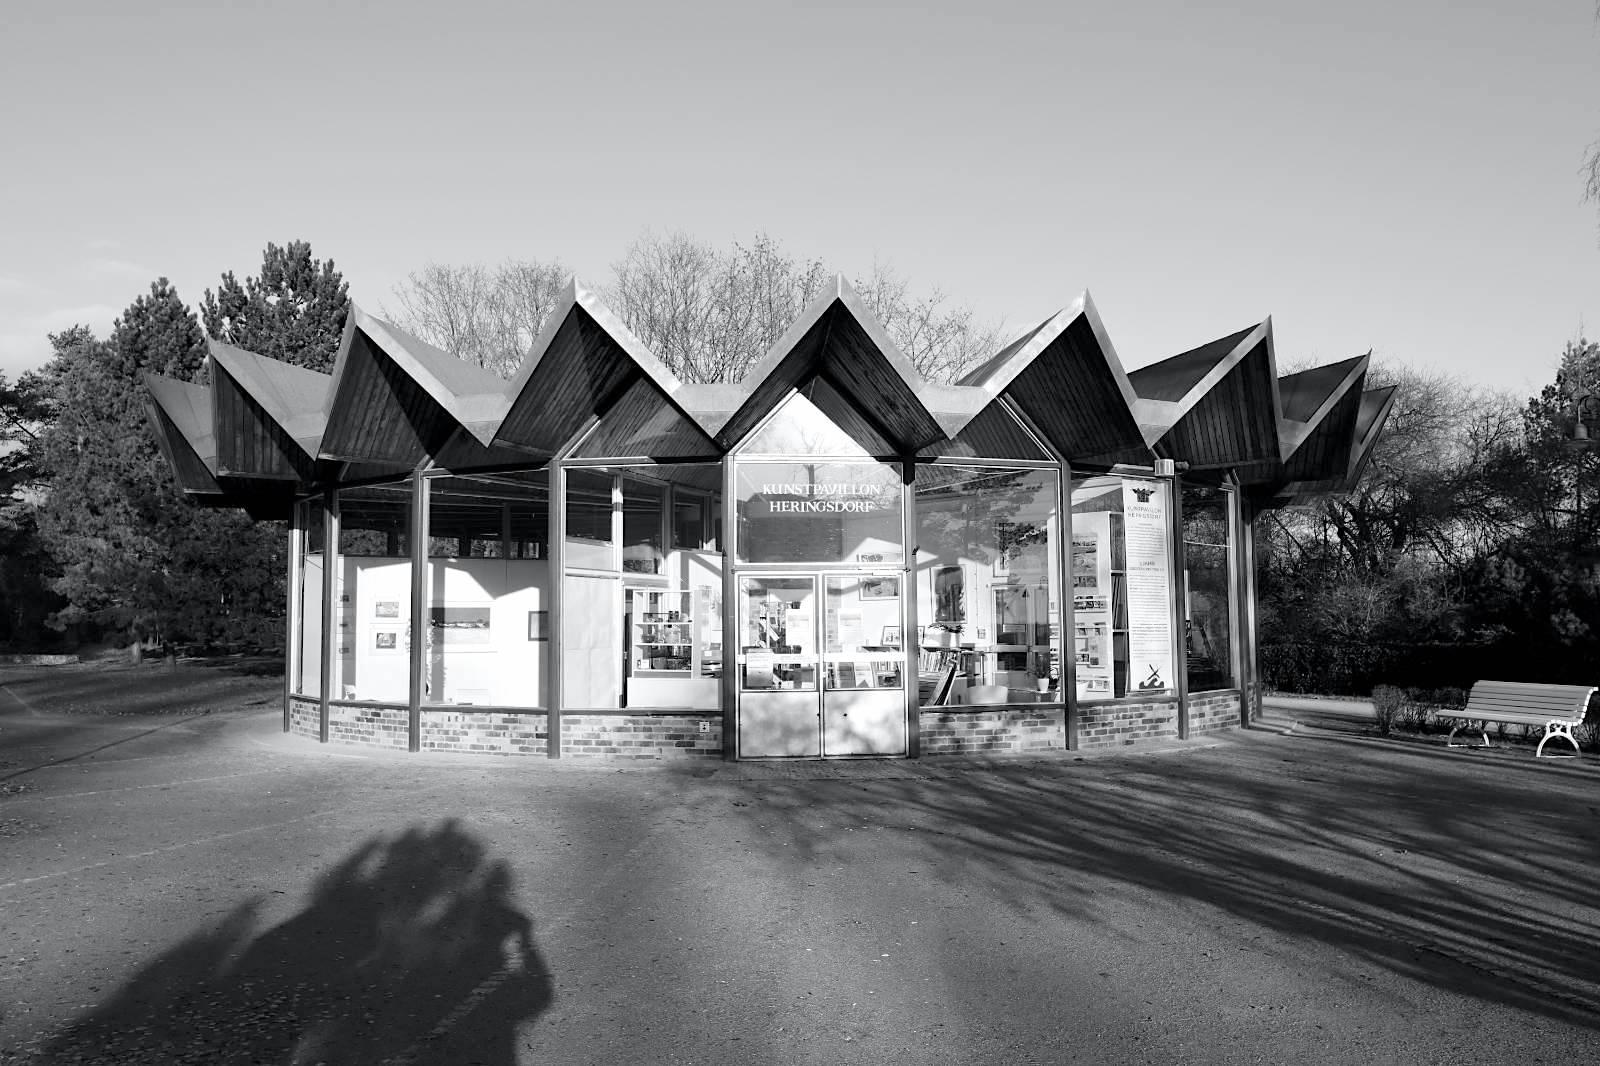 Kunstpavillon. Entwurf: Ulrich Müther, Fertiggestellung 1970. Der Umfang beträgt 52 Meter, die höchste Innenhöhe ist bei 4,60 Meter. Der Pavillon wurde 1971 mit einer Ausstellung des Malers Otto Niemeyer Holstein eingeweiht.